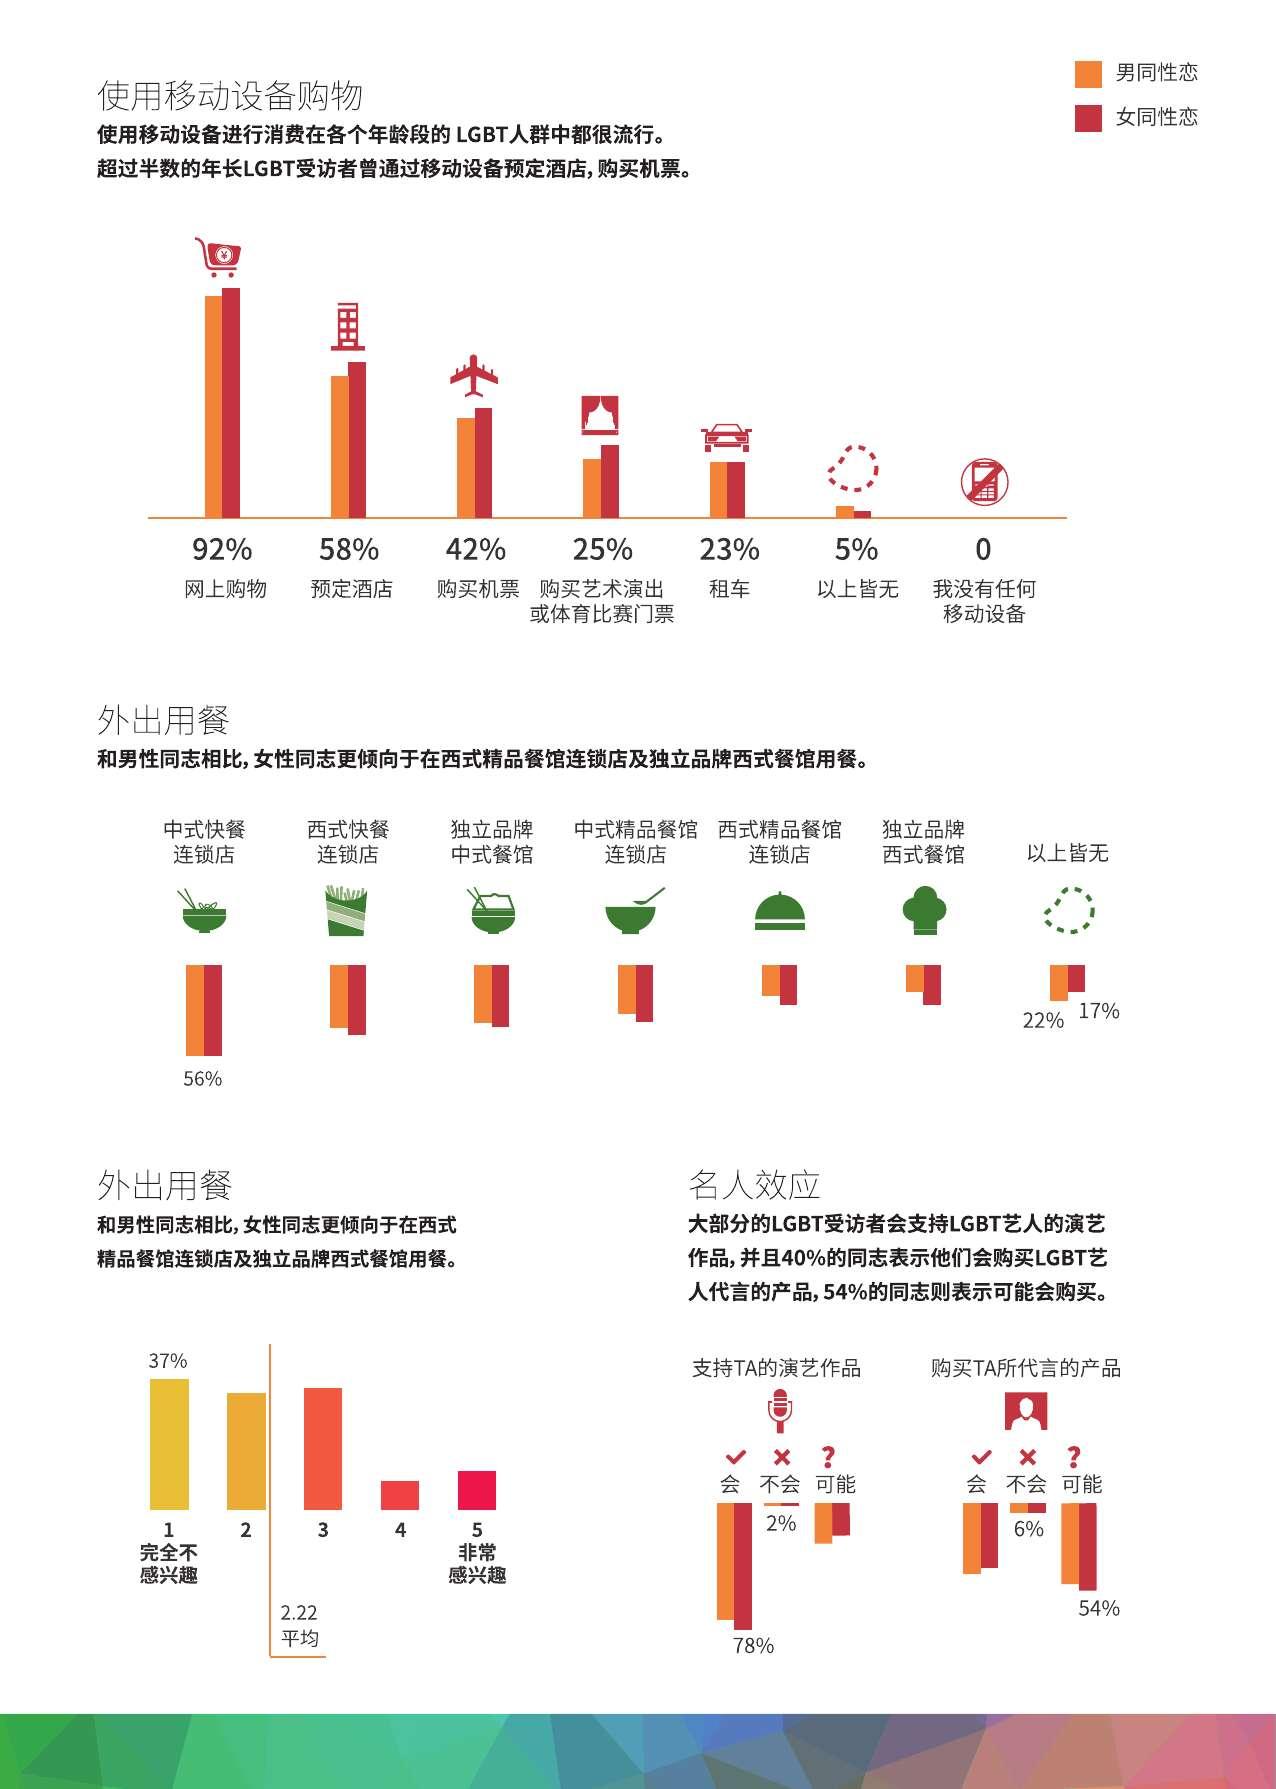 中国LGBT群体生活消费调查报告_000016